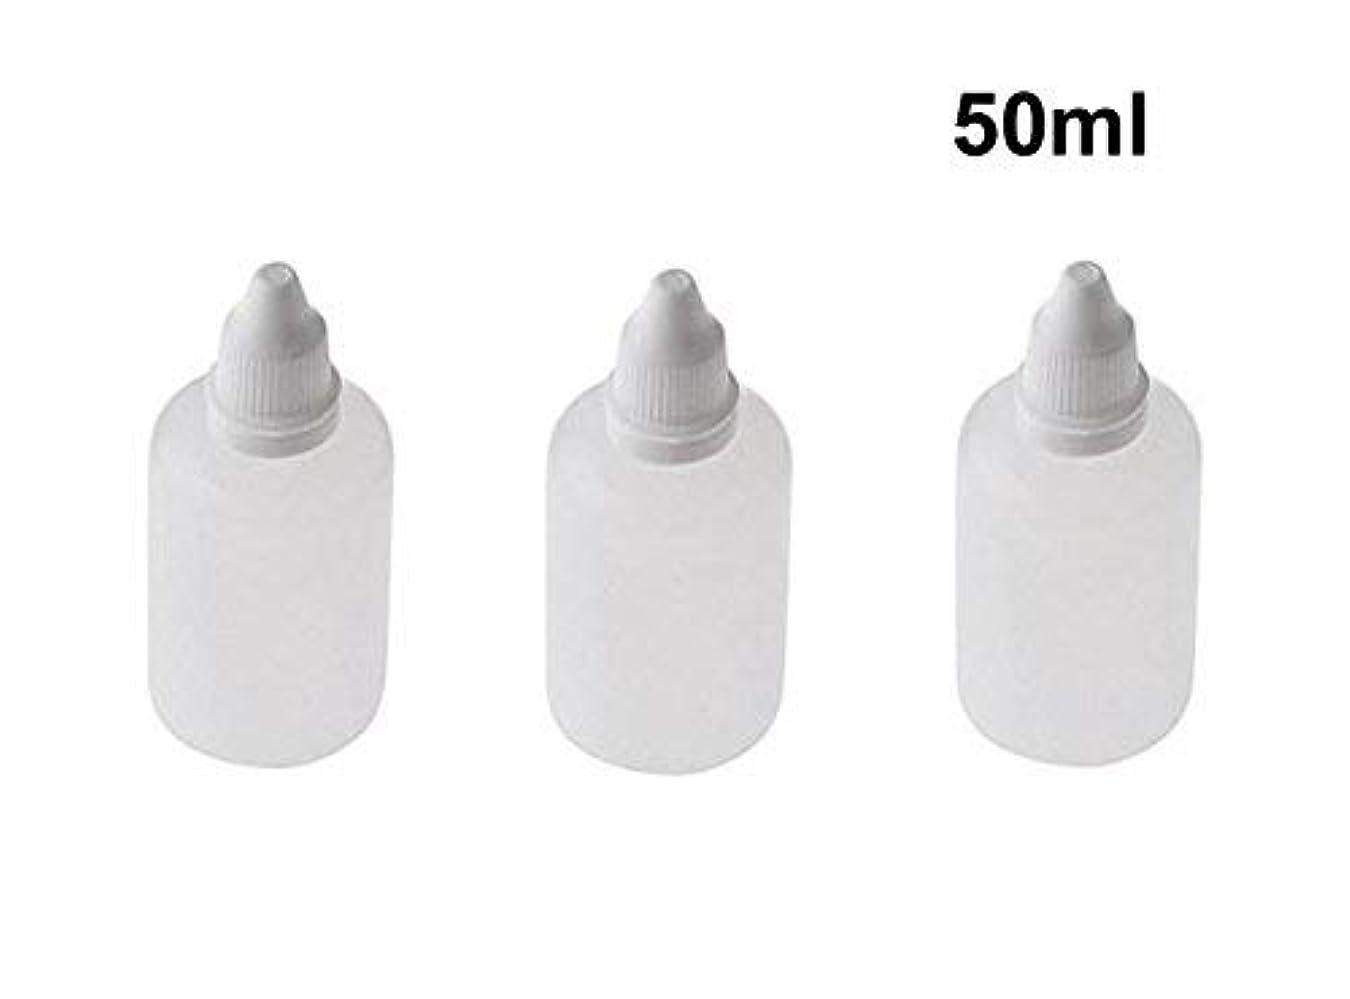 スリット横たわる一致する10 Pieces Empty Refillable Plastic Squeezable Dropper Bottles Portable Eye Liquid Vial with Screw Caps and Plugs...